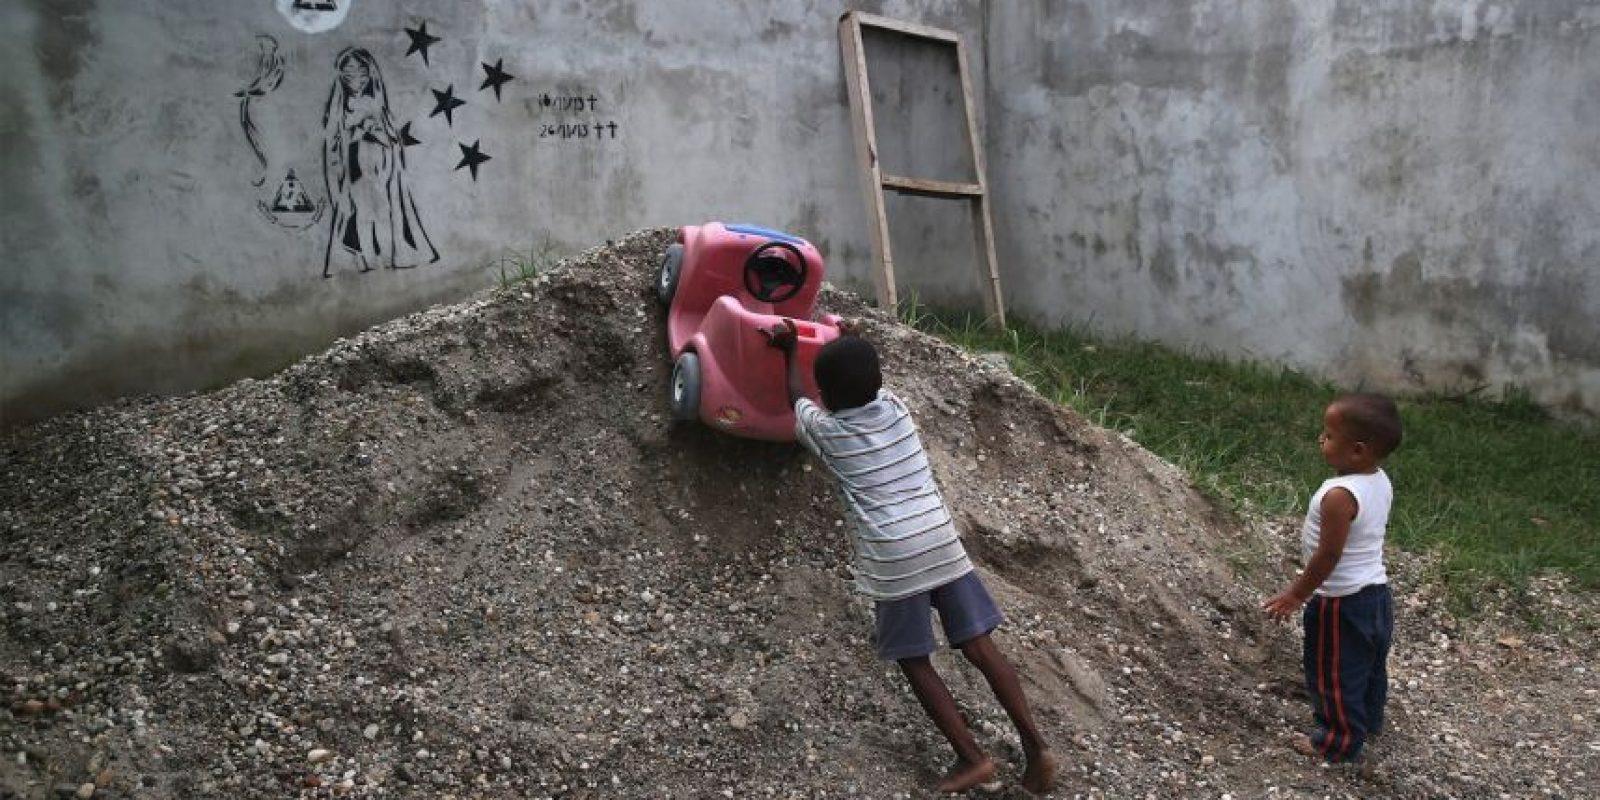 El castigo físico en las escuelas está prohibido por ley en: Ecuador, Honduras, República Dominicana y Venezuela Foto:Getty Images